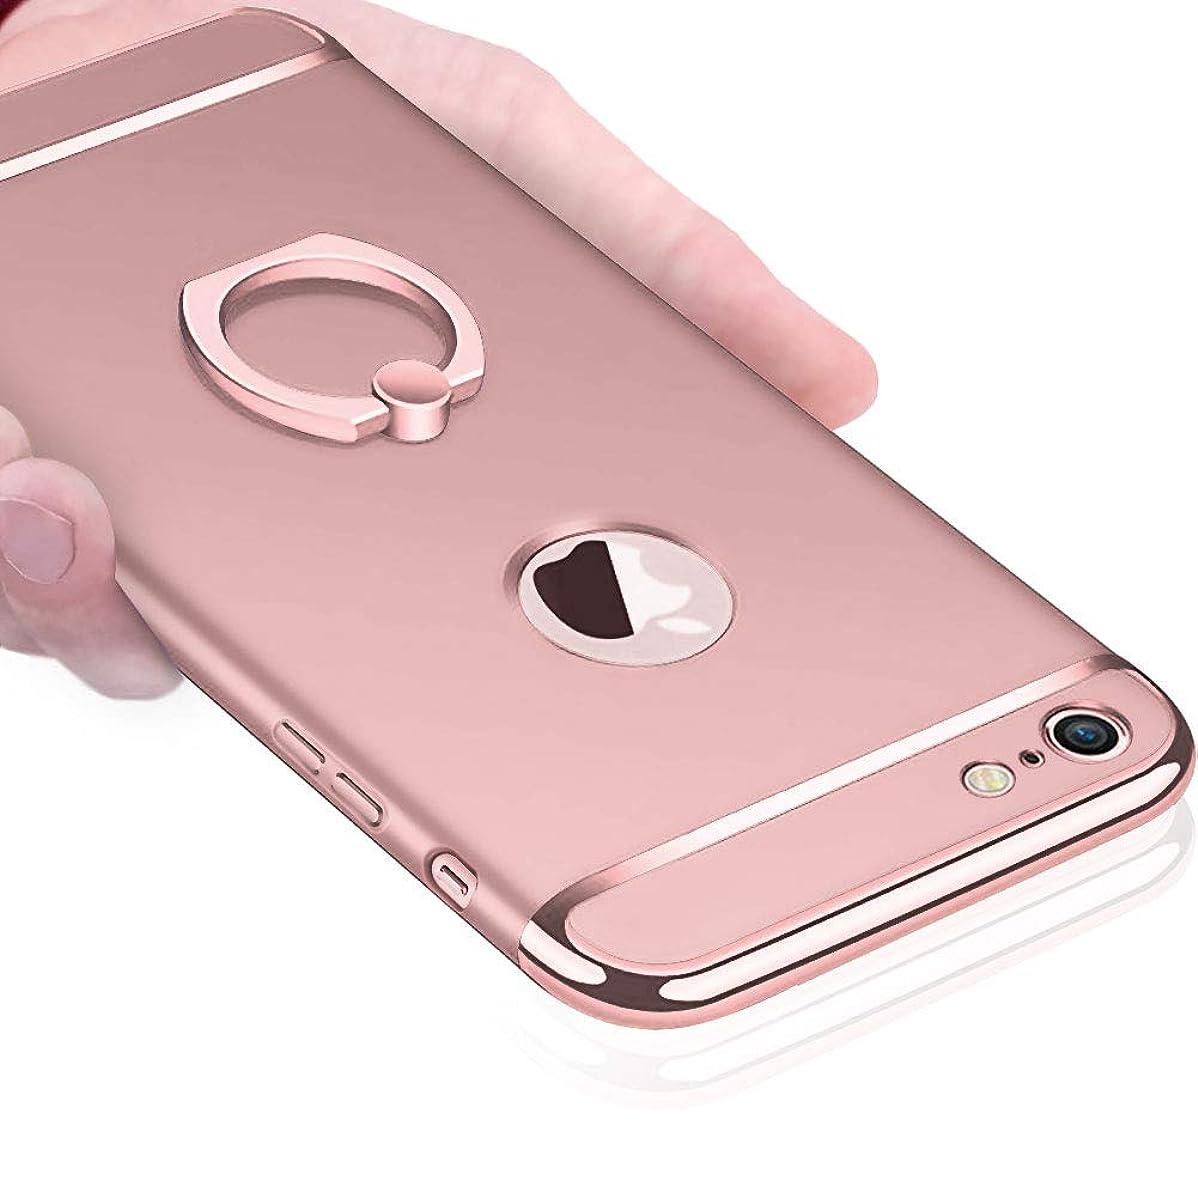 ピカリング提供するだますiPhone6s ケース iPhone6 ケース リング付き 衝撃防止 全面保護 耐衝撃 指紋防止 スタンド機能 3パーツ式 アイフォン6s/6 ケース 落下防止 高級感 薄型 超耐久 スクラッチ防止 着脱しやす 擦り傷防止 取り出し易い 携帯カバー[ピンク]KC-5-18